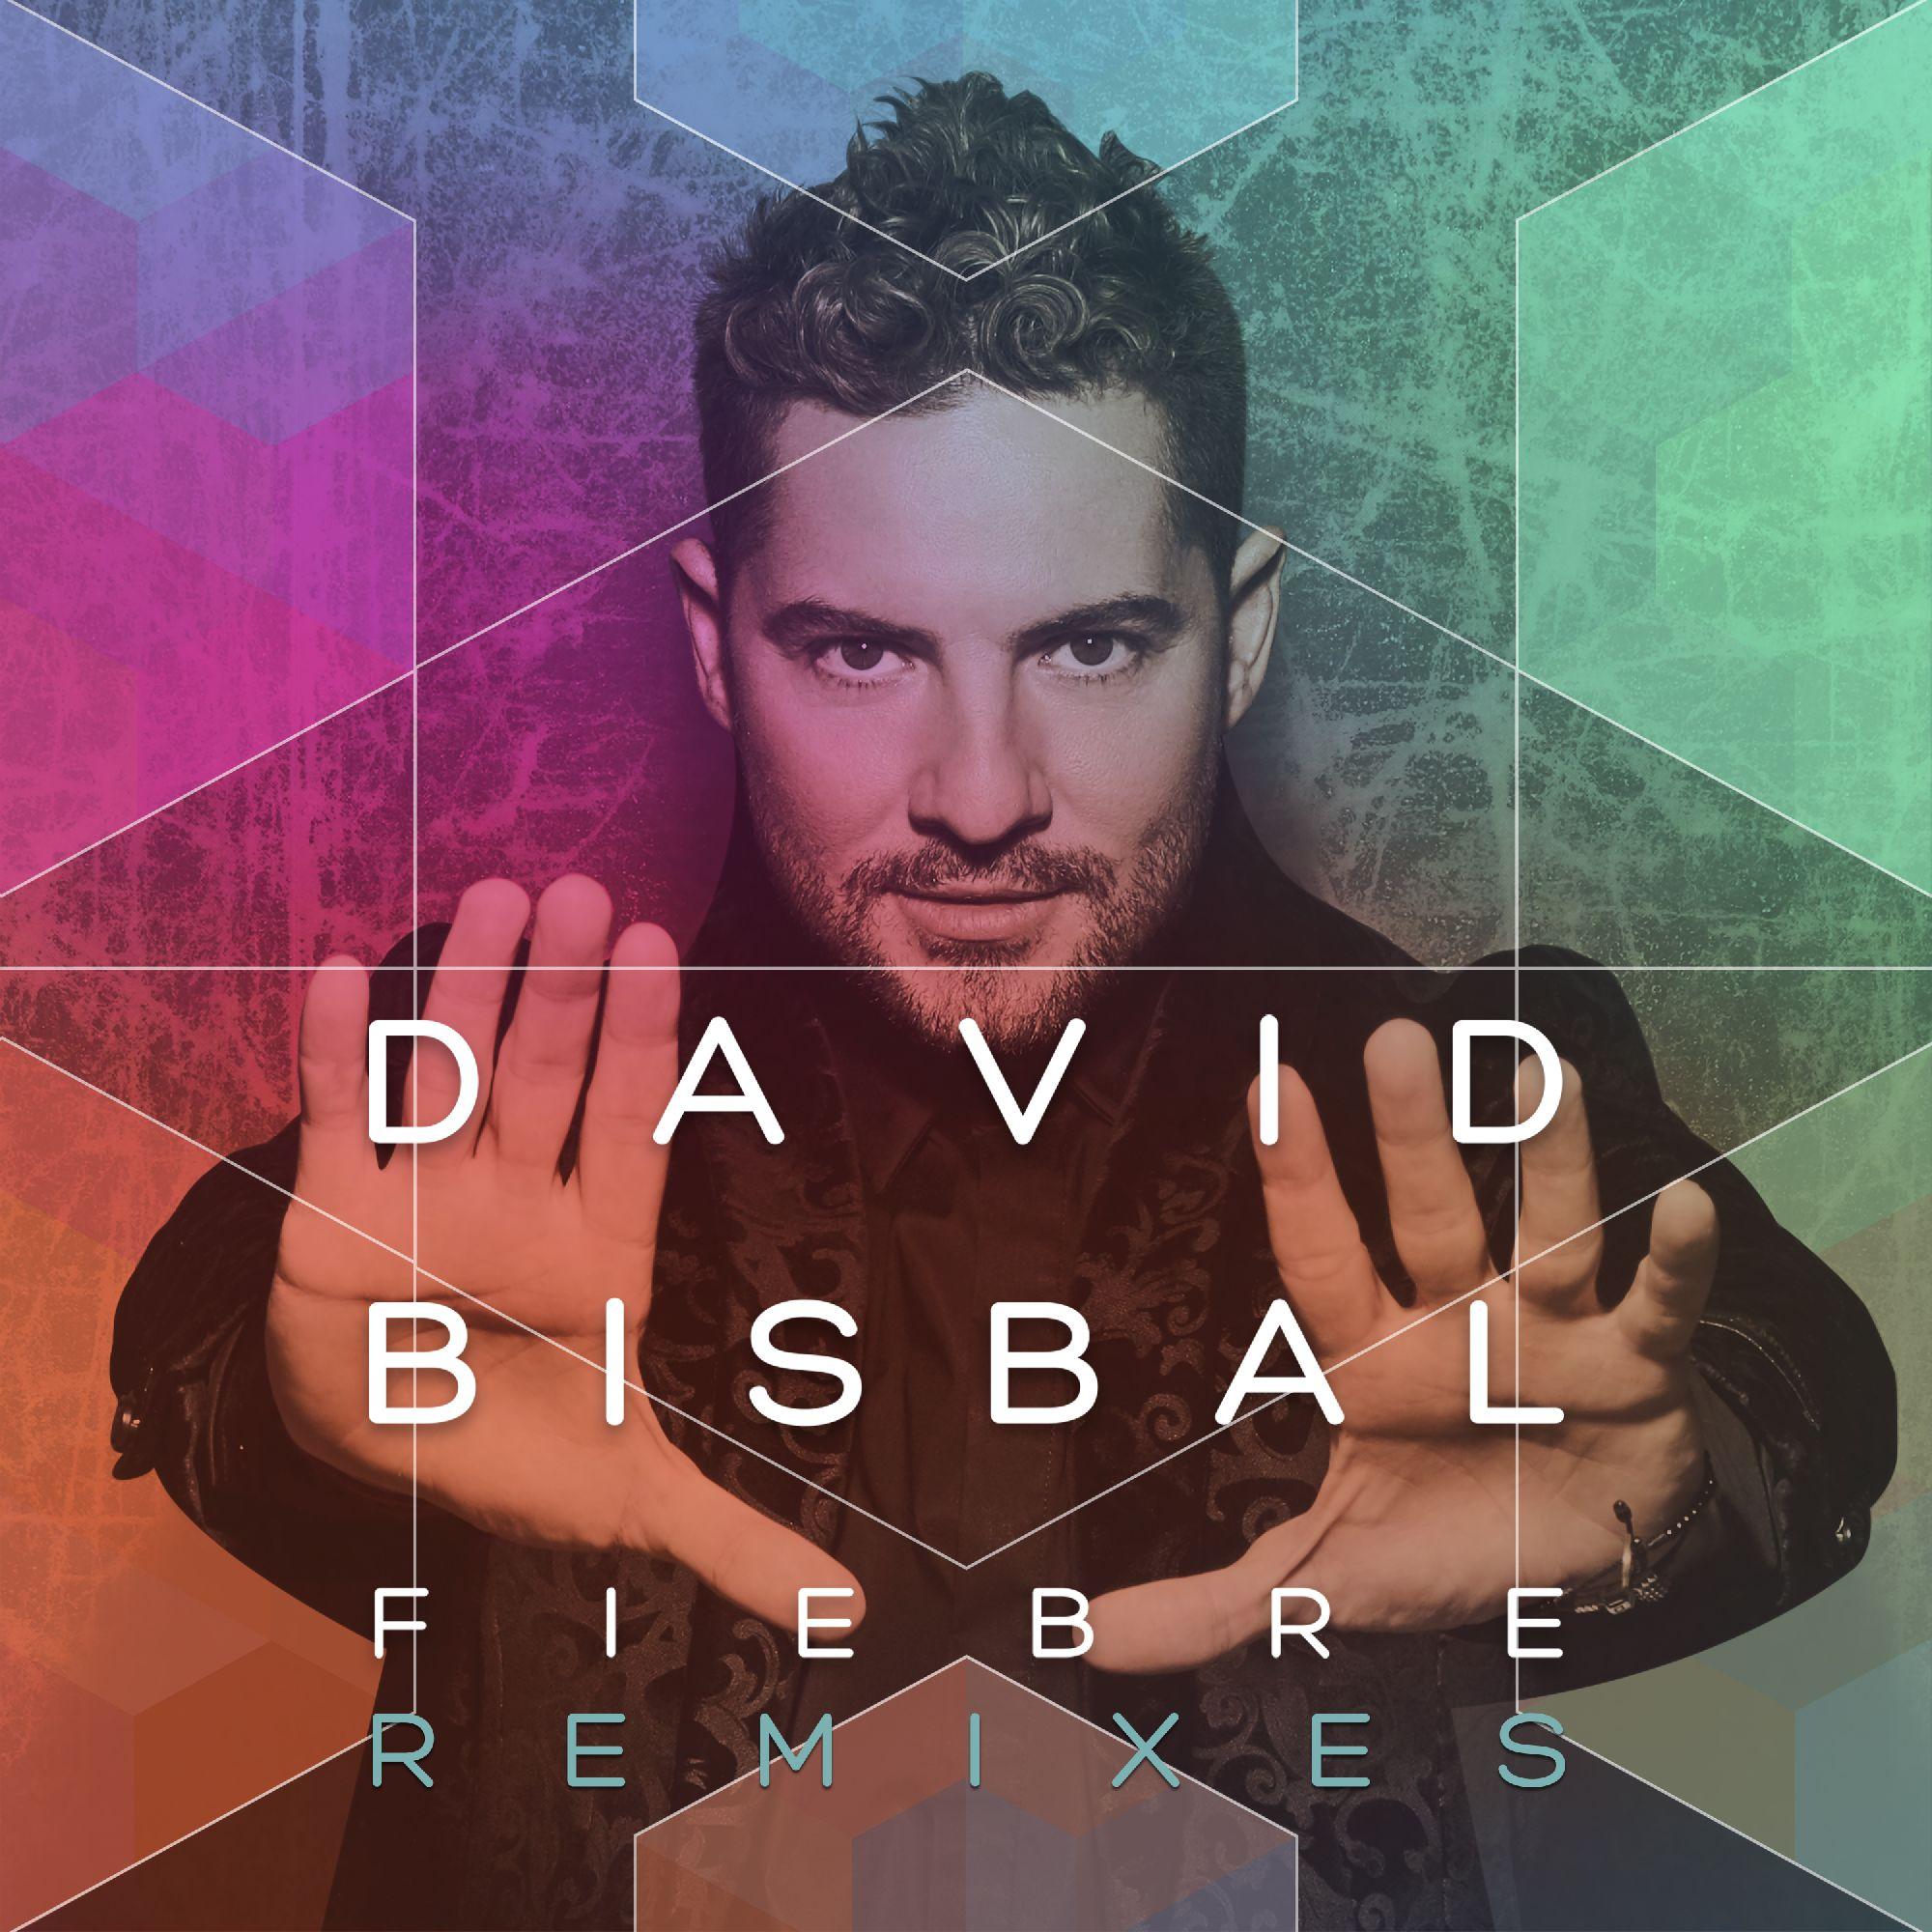 Fiebre (Remixes)